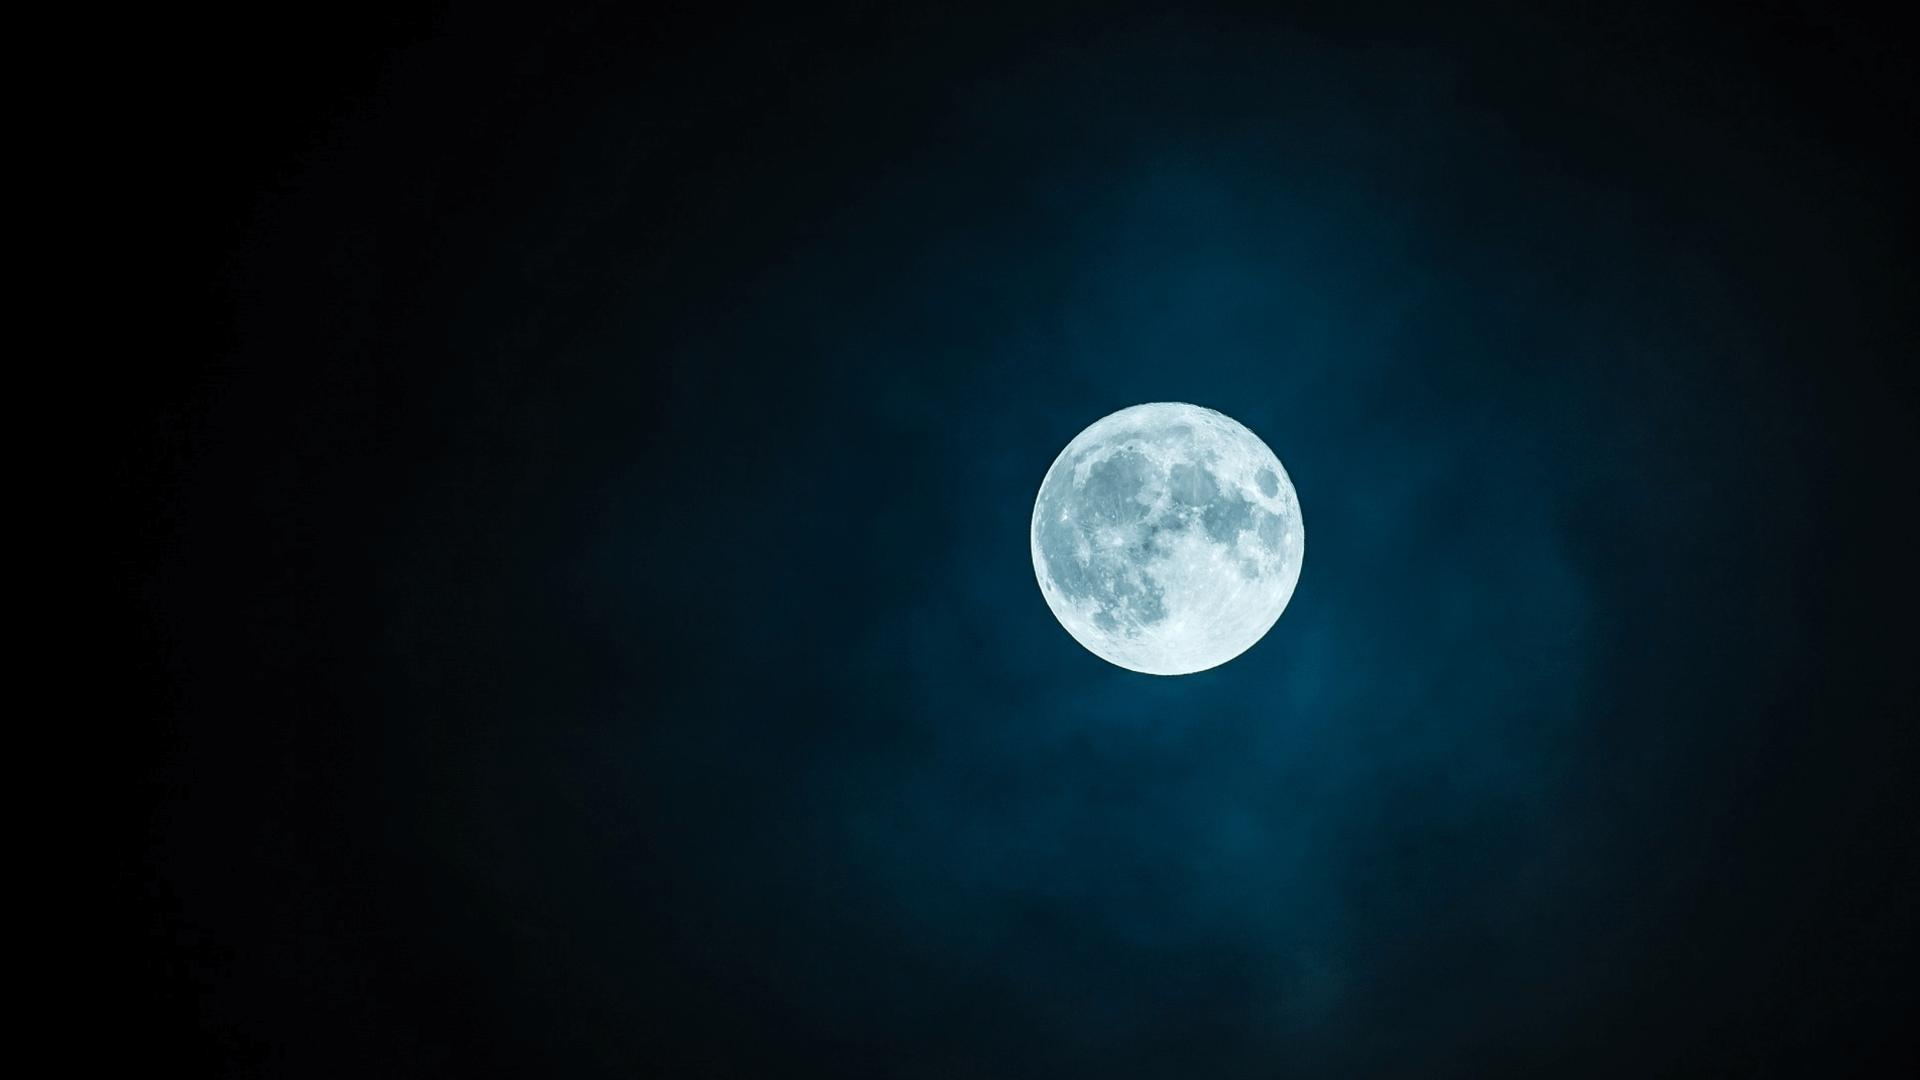 Die Sichtbarkeit des Mondes